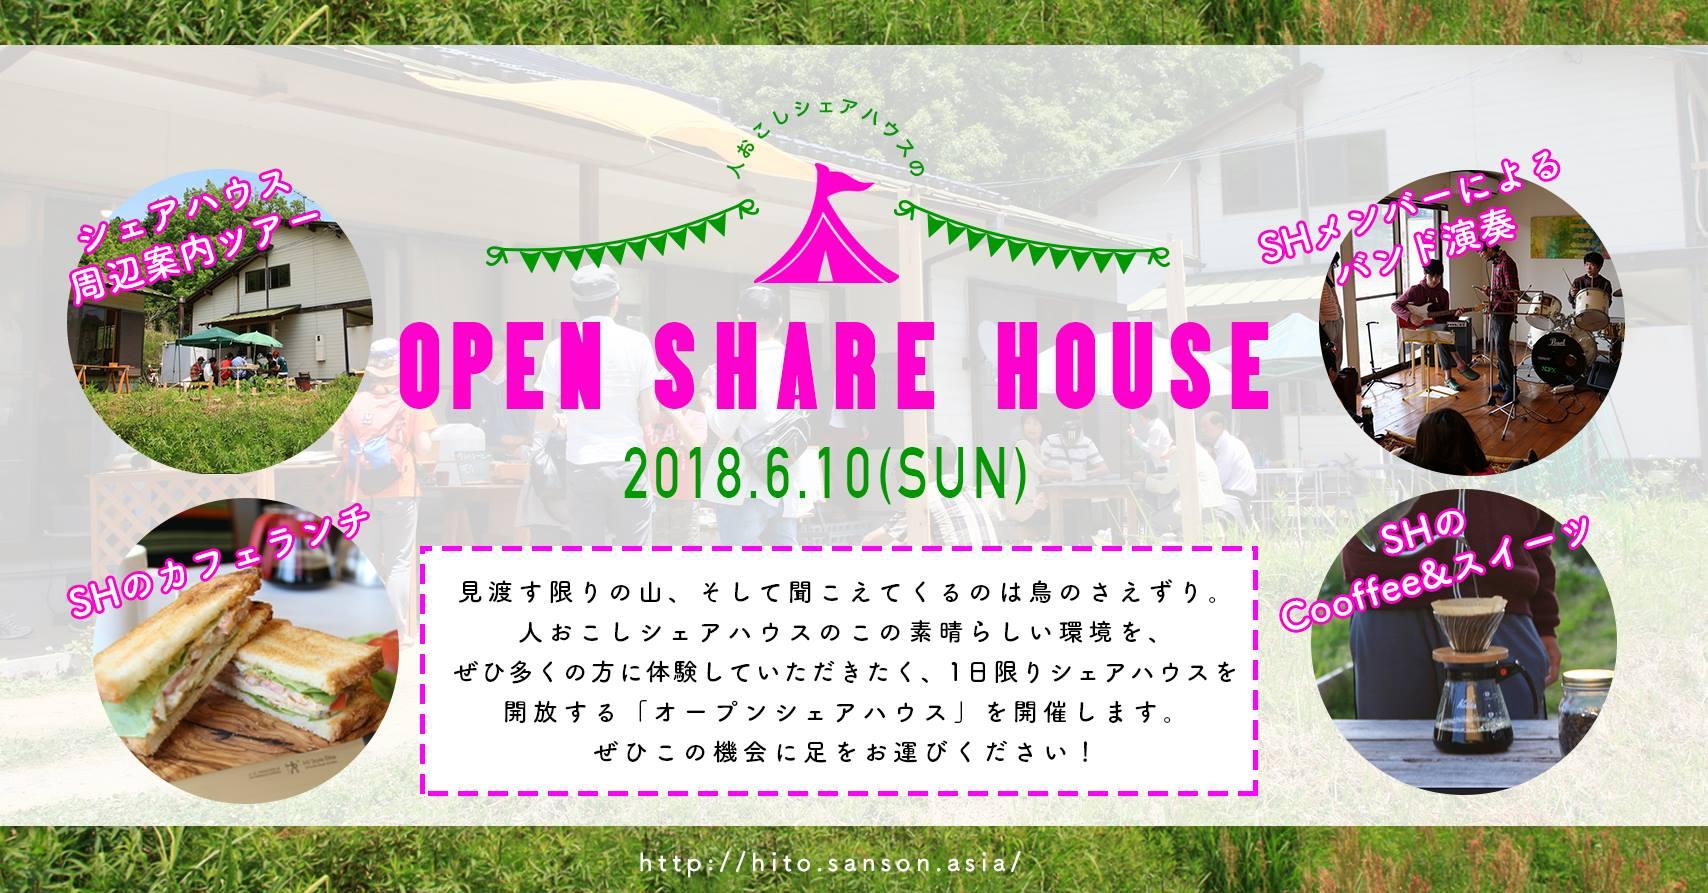 若者支援シェアハウス|open sharehouse